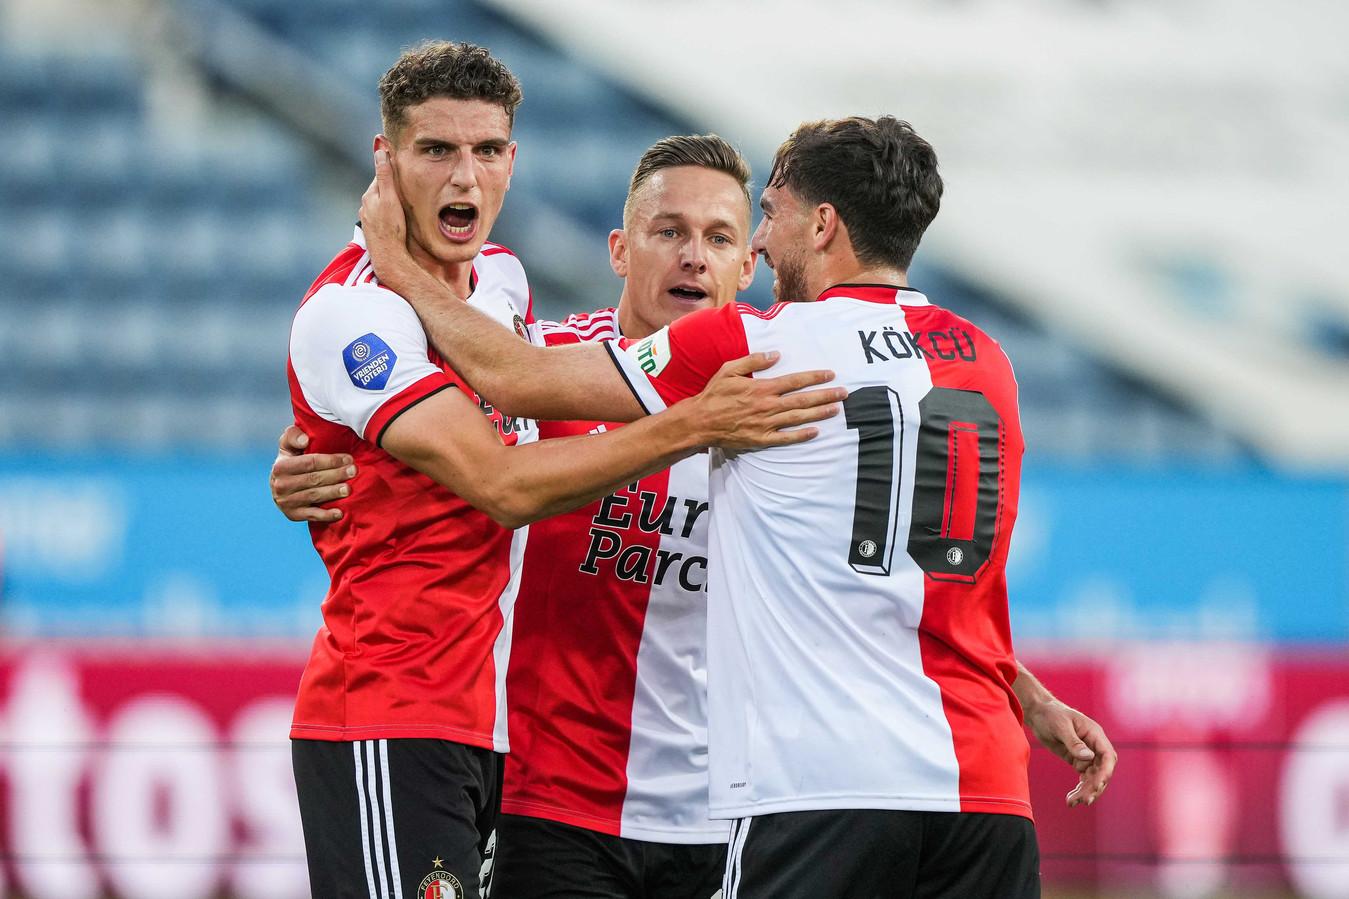 Een week na zijn hattrick tegen FC Drita scoorde Guus Til vanavond twee keer in de eerste helft in Luzern.